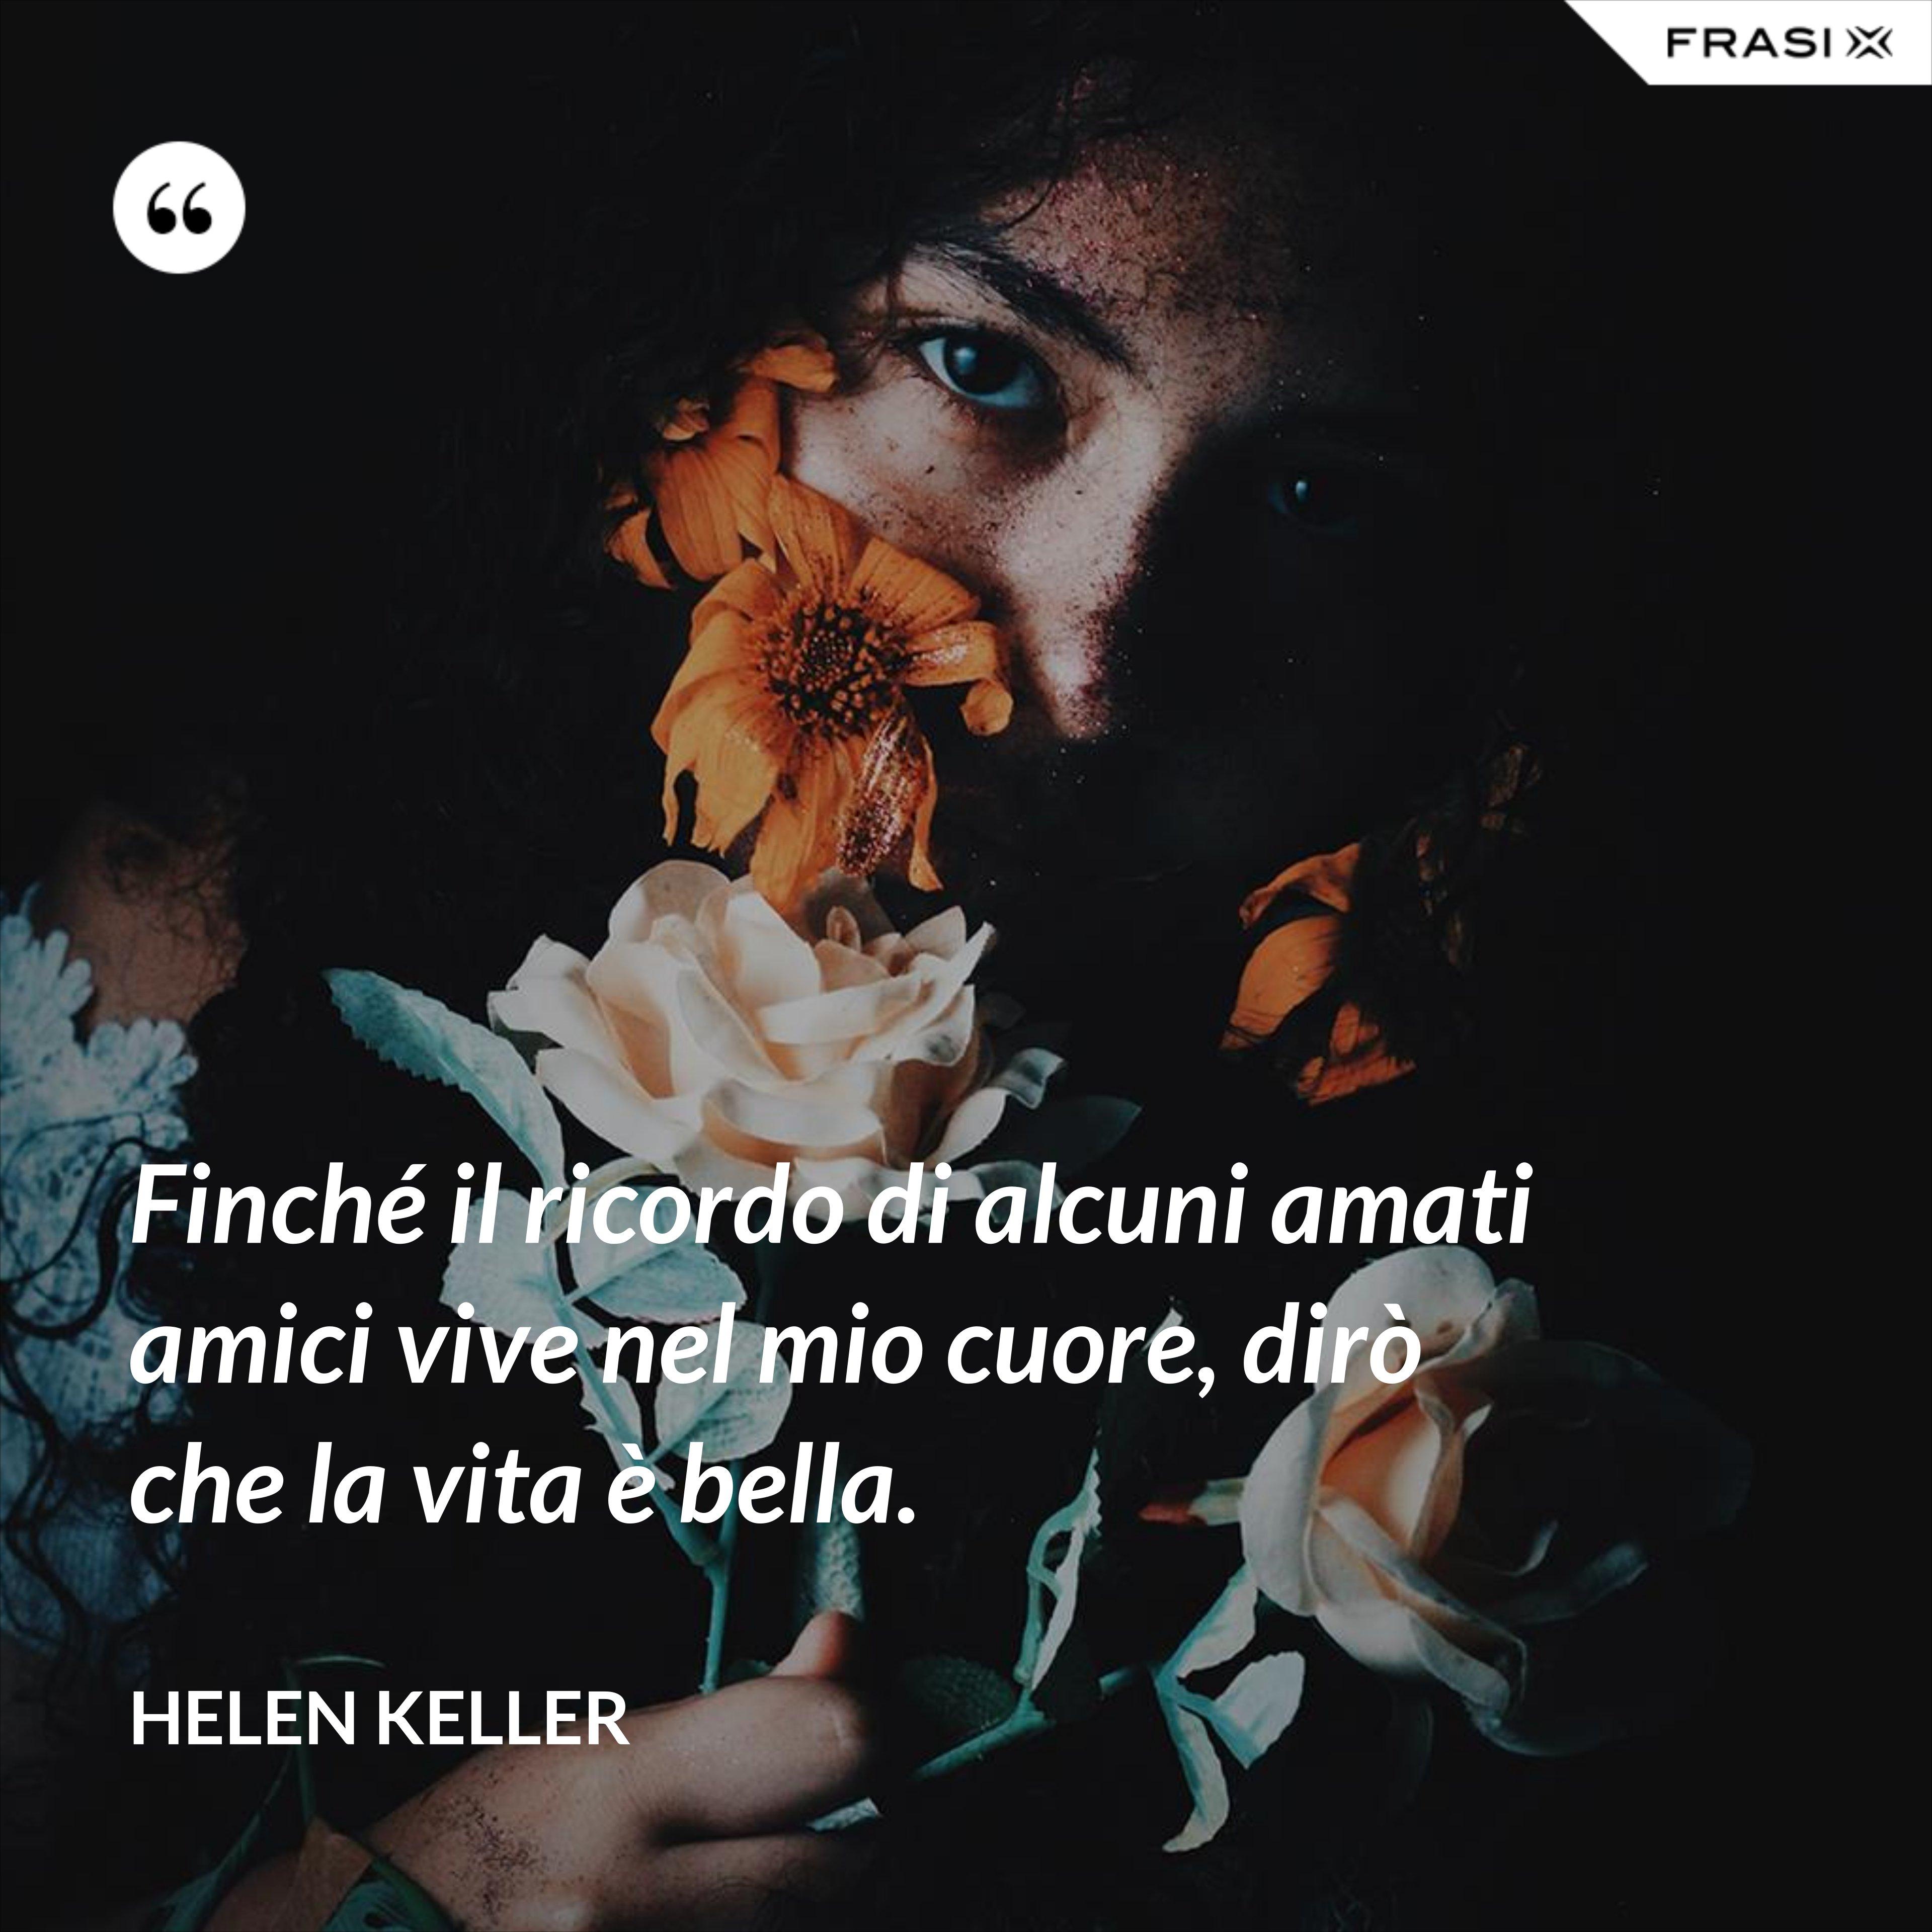 Finché il ricordo di alcuni amati amici vive nel mio cuore, dirò che la vita è bella. - Helen Keller